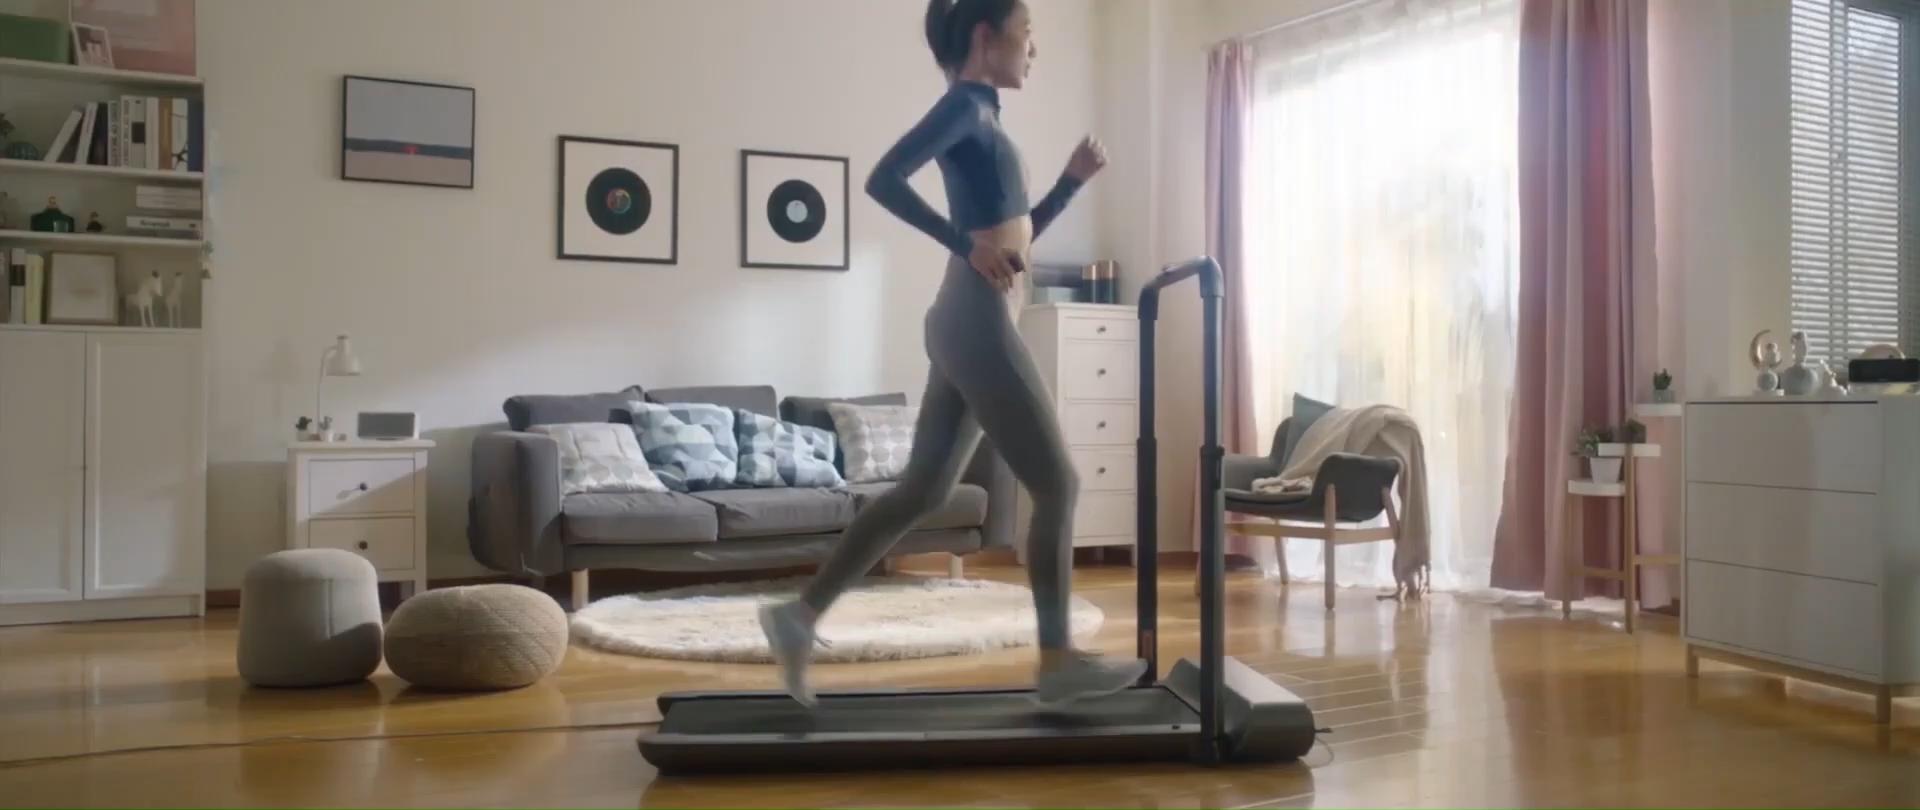 Listrik Berjalan Pad R1 Pelangsing Mini Walking Machine Lipat Ultra Tipis Rumah Treadmill